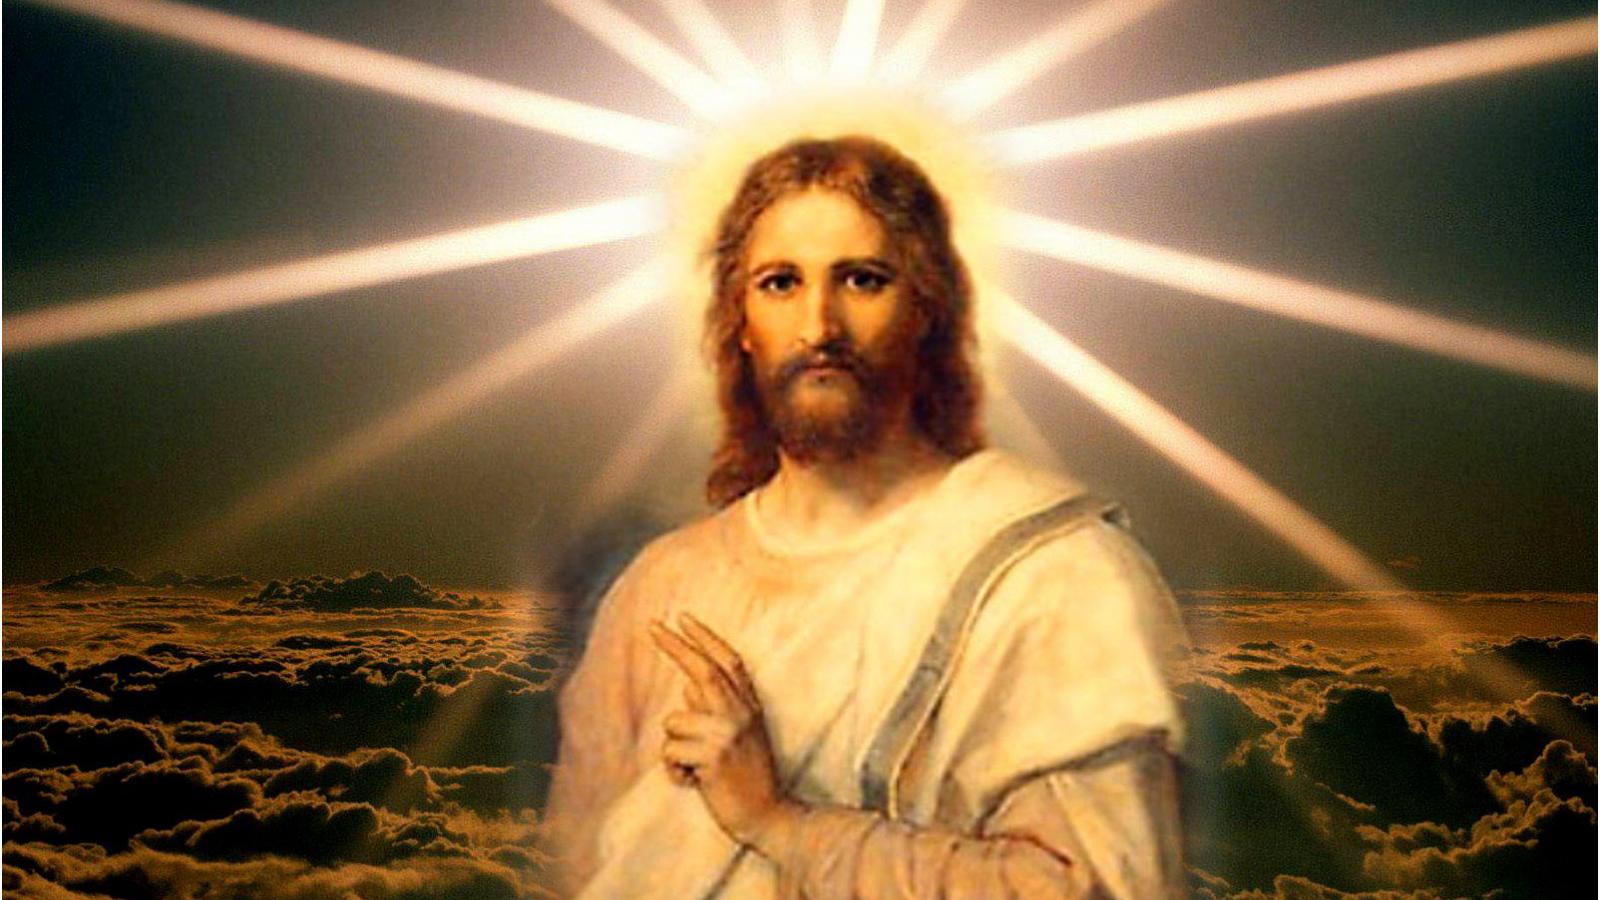 ИКОНЫ АНИМАЦИЯ ИИСУСА ЖИВЫЕ ОБОИ СКАЧАТЬ БЕСПЛАТНО